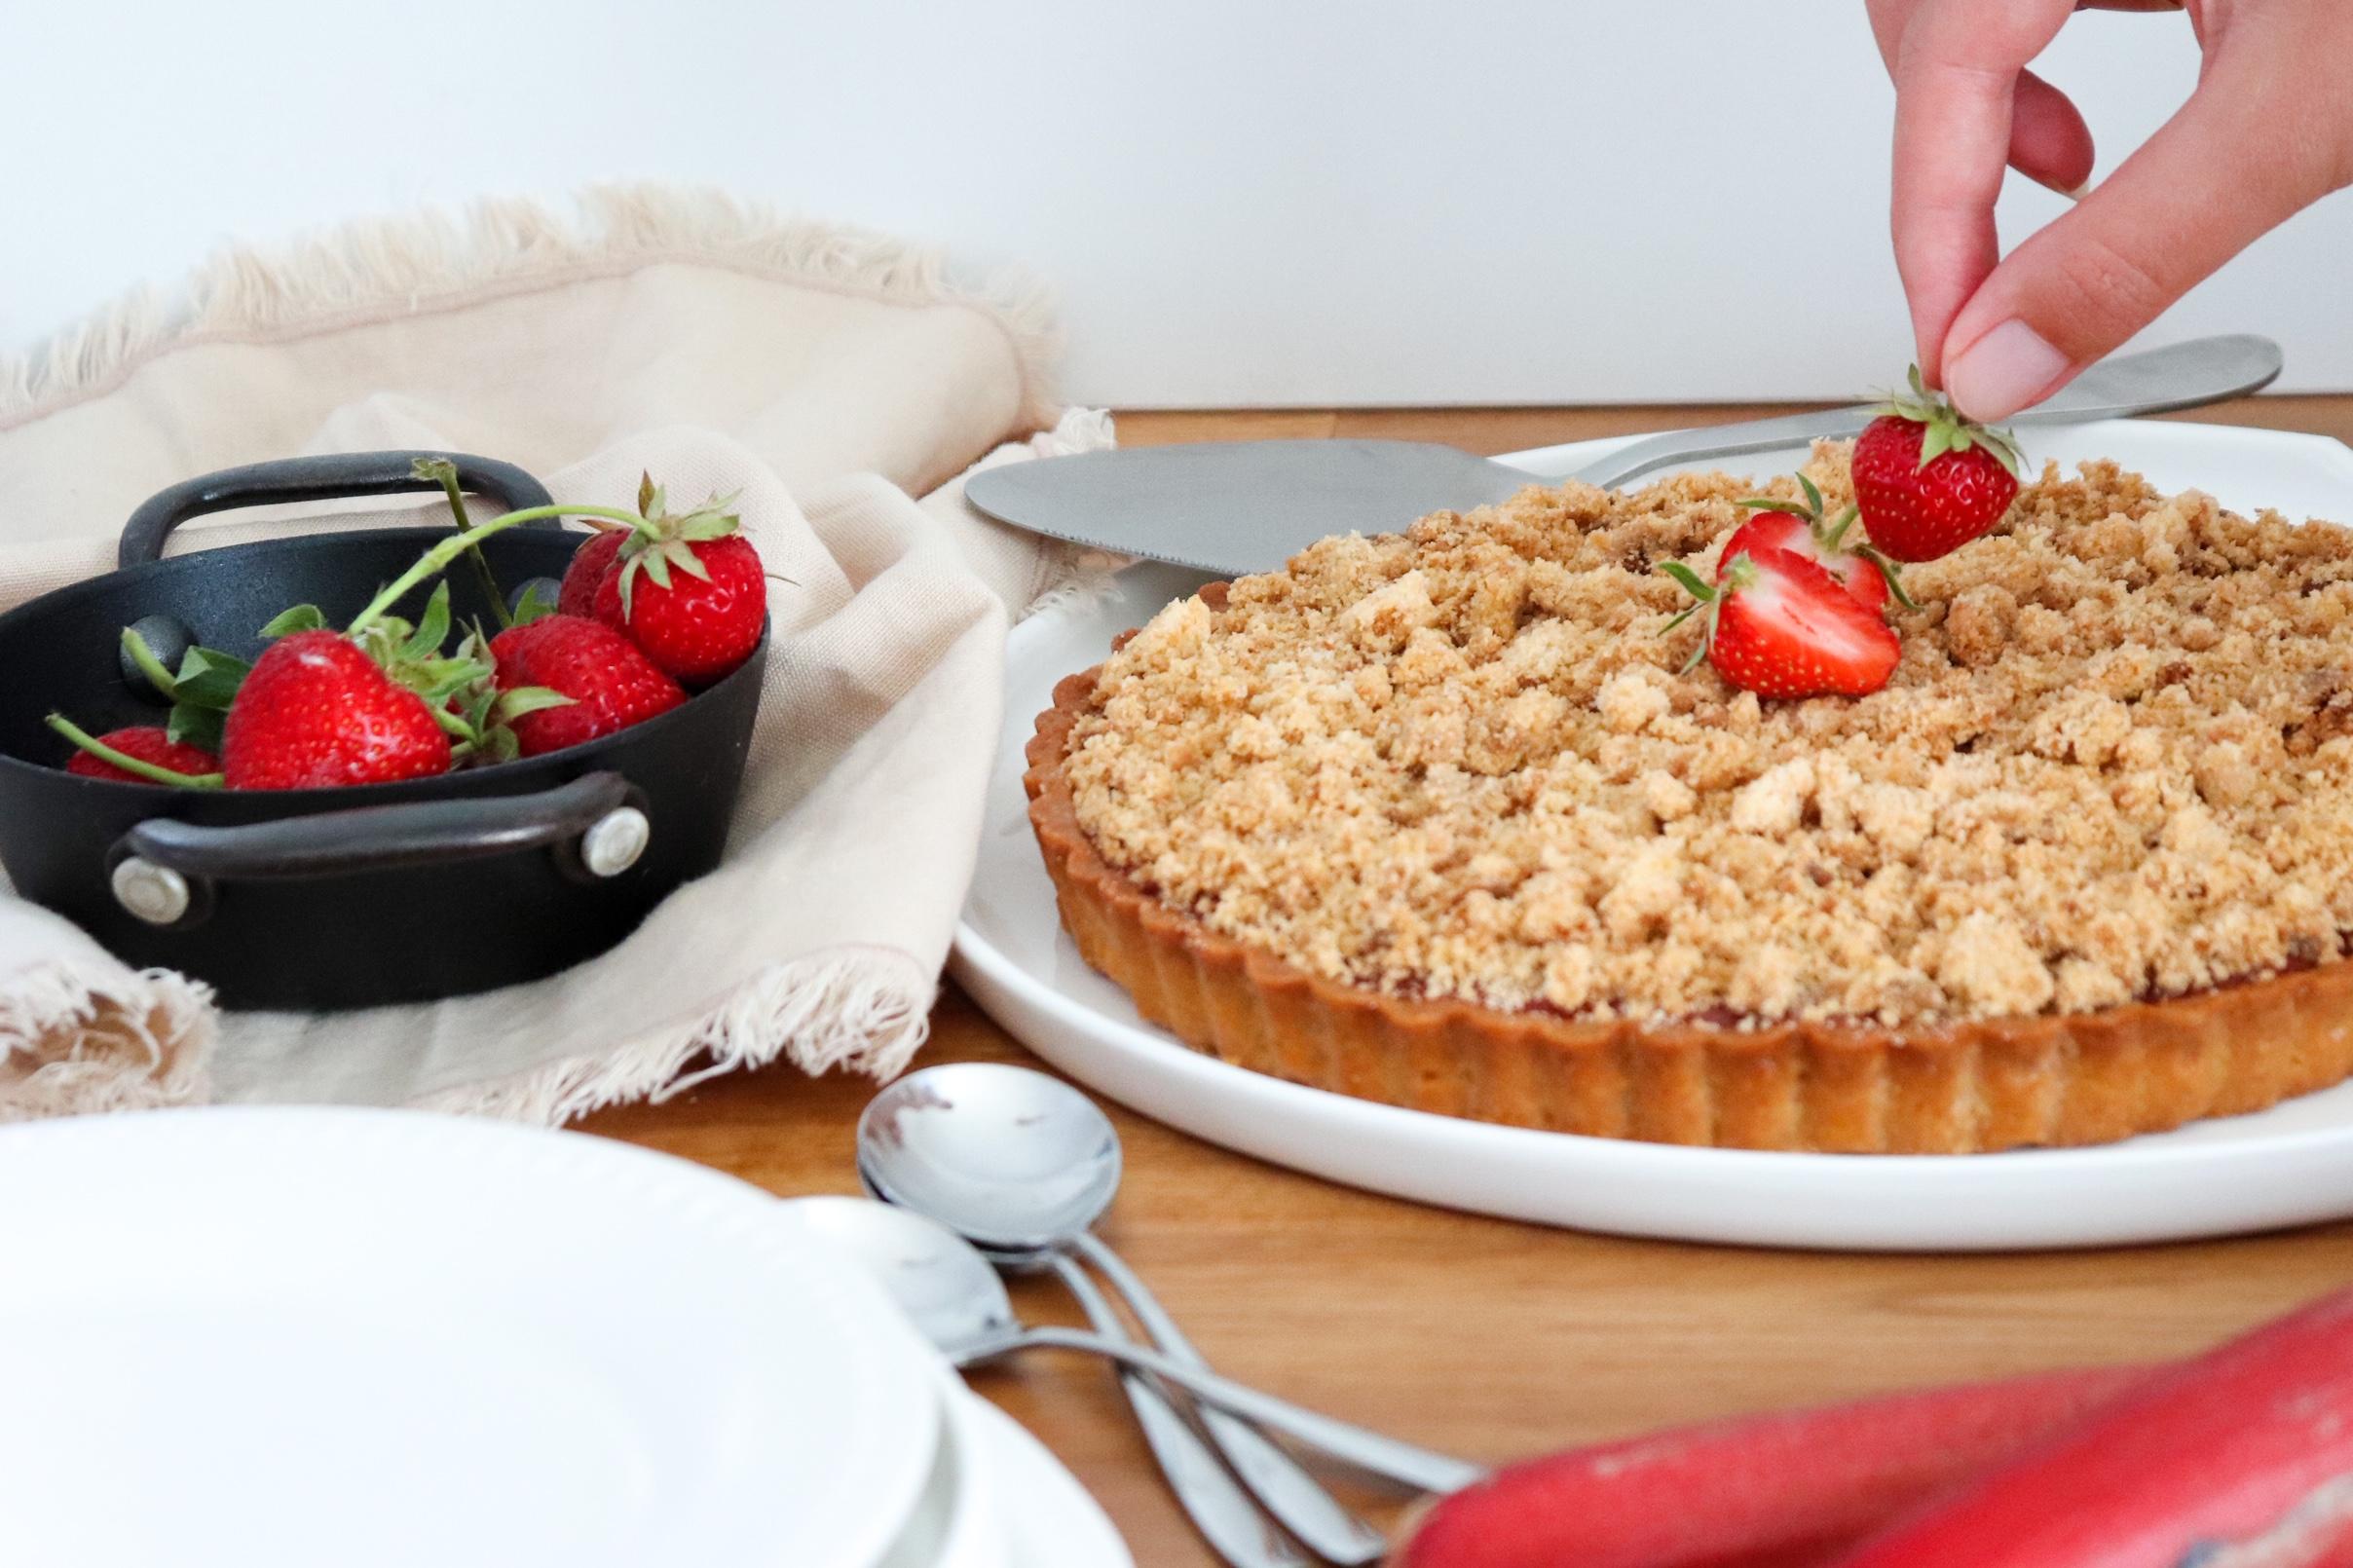 tarte aux fraises rhubarbe façon crumble recette patisserie léa patisseries inspirées